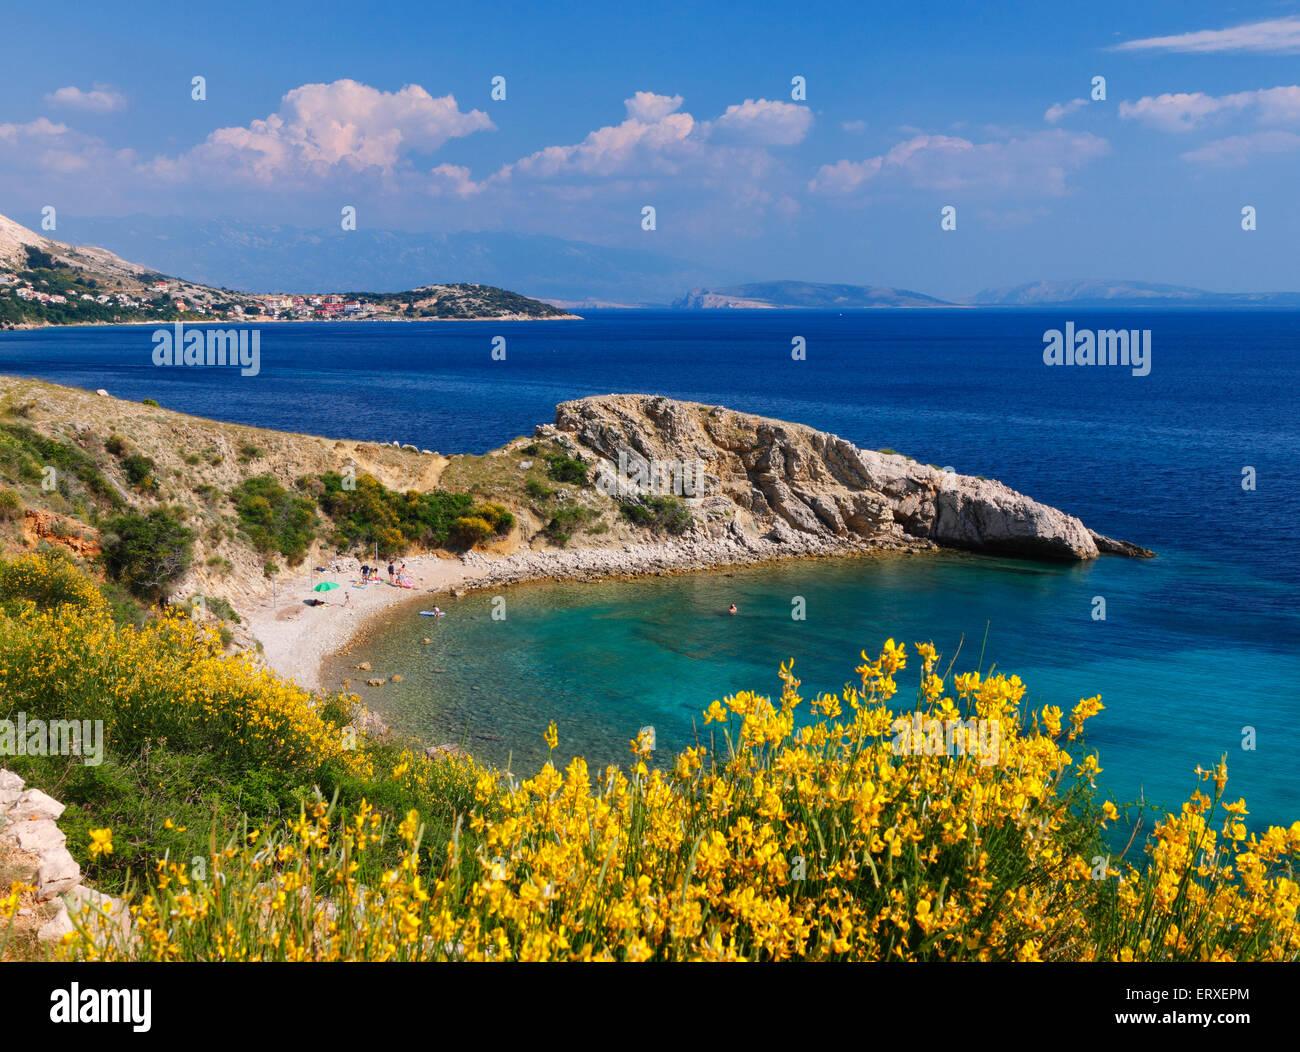 Beautiful beach on Island Krk in Croatia. - Stock Image